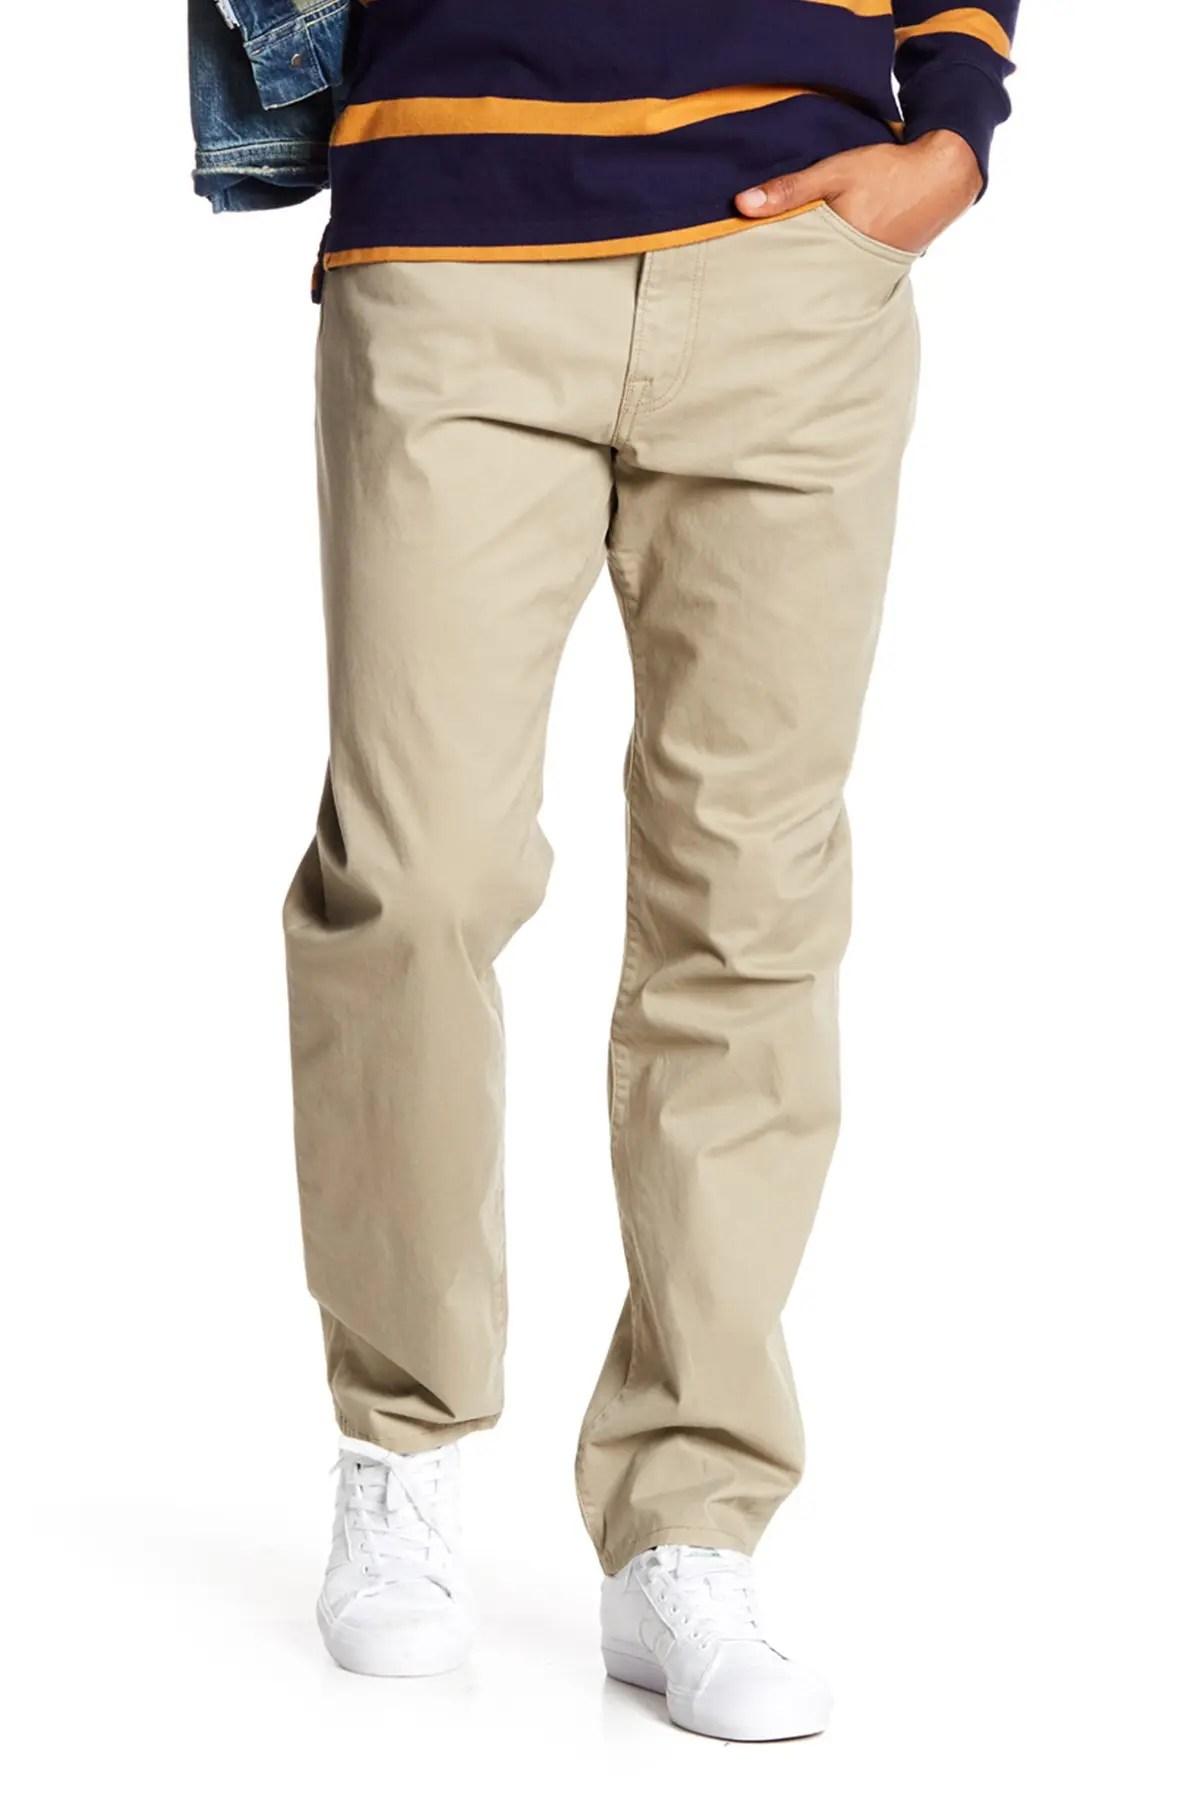 lucky brand men s clothing nordstrom rack